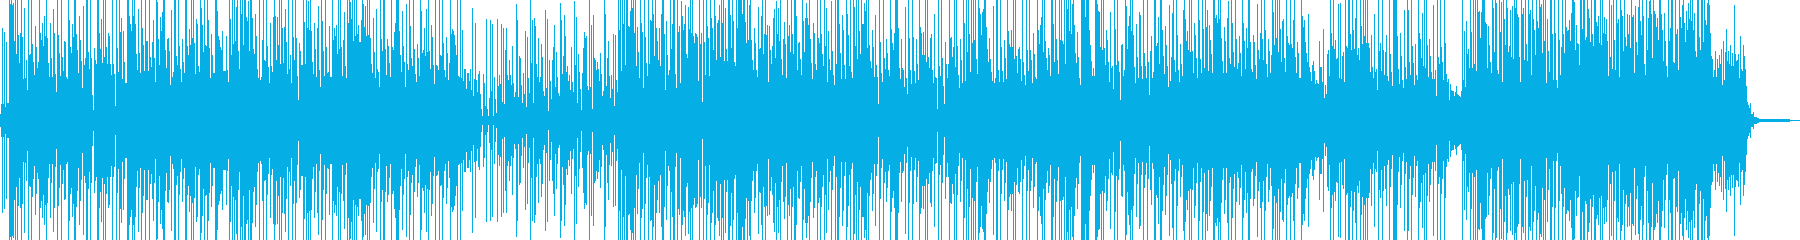 南国ムード ご機嫌なレゲェ Bの再生済みの波形